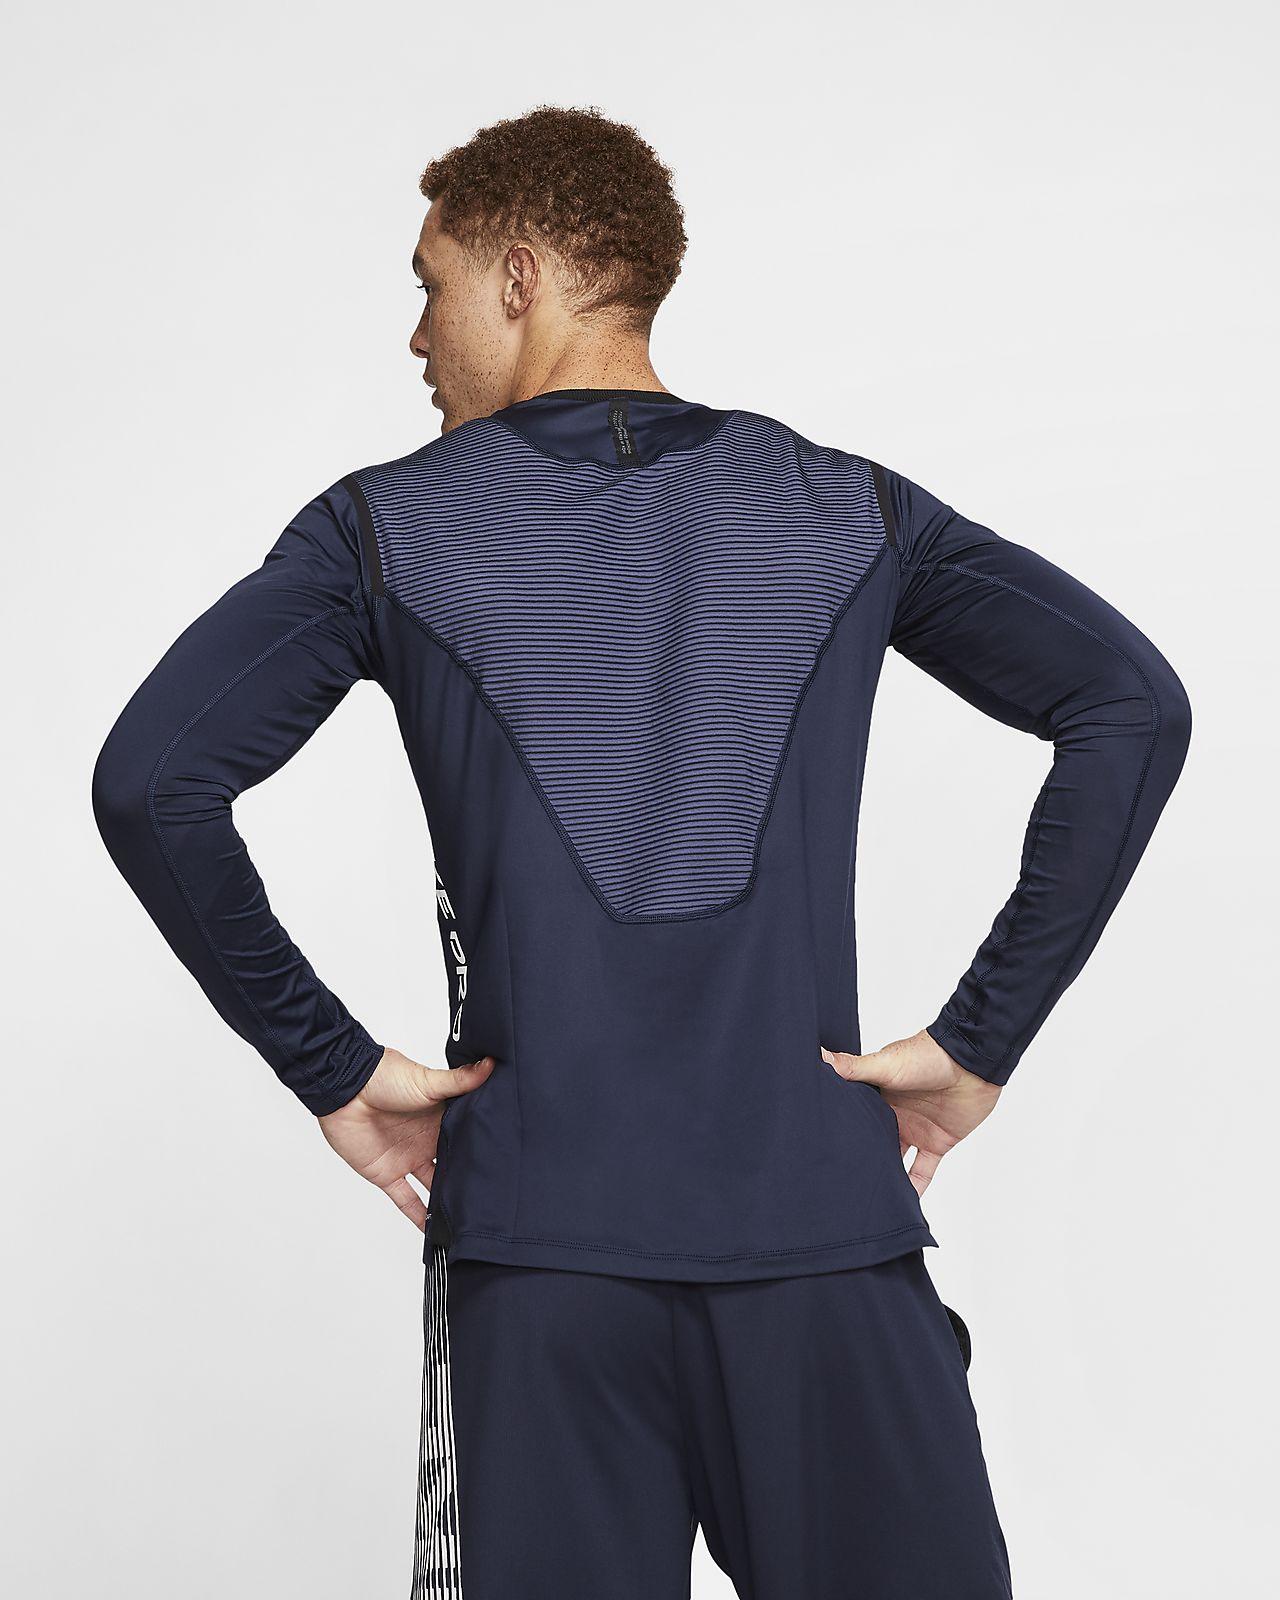 Maglia a manica lunga Nike Pro AeroAdapt - Uomo